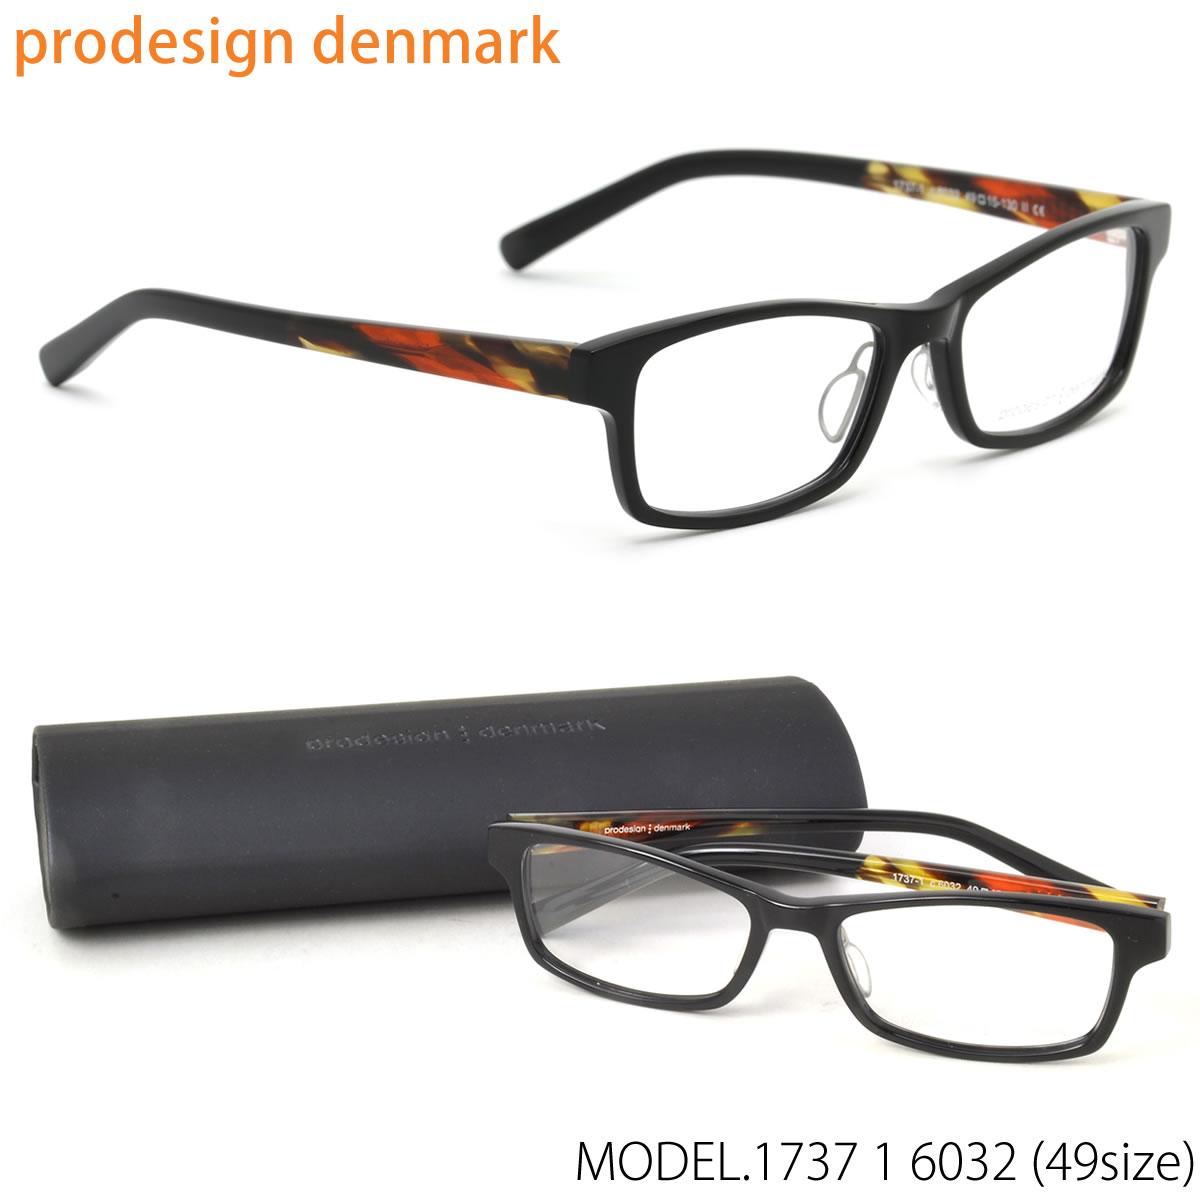 【10月30日からエントリーで全品ポイント20倍】prodesign:denmark(プロデザインデンマーク) メガネ フレーム 1737-1 6032 49 北欧 スクエア 伊達メガネレンズ無料 プロデザインデンマーク prodesign:denmark メンズ レディース【LOS30】